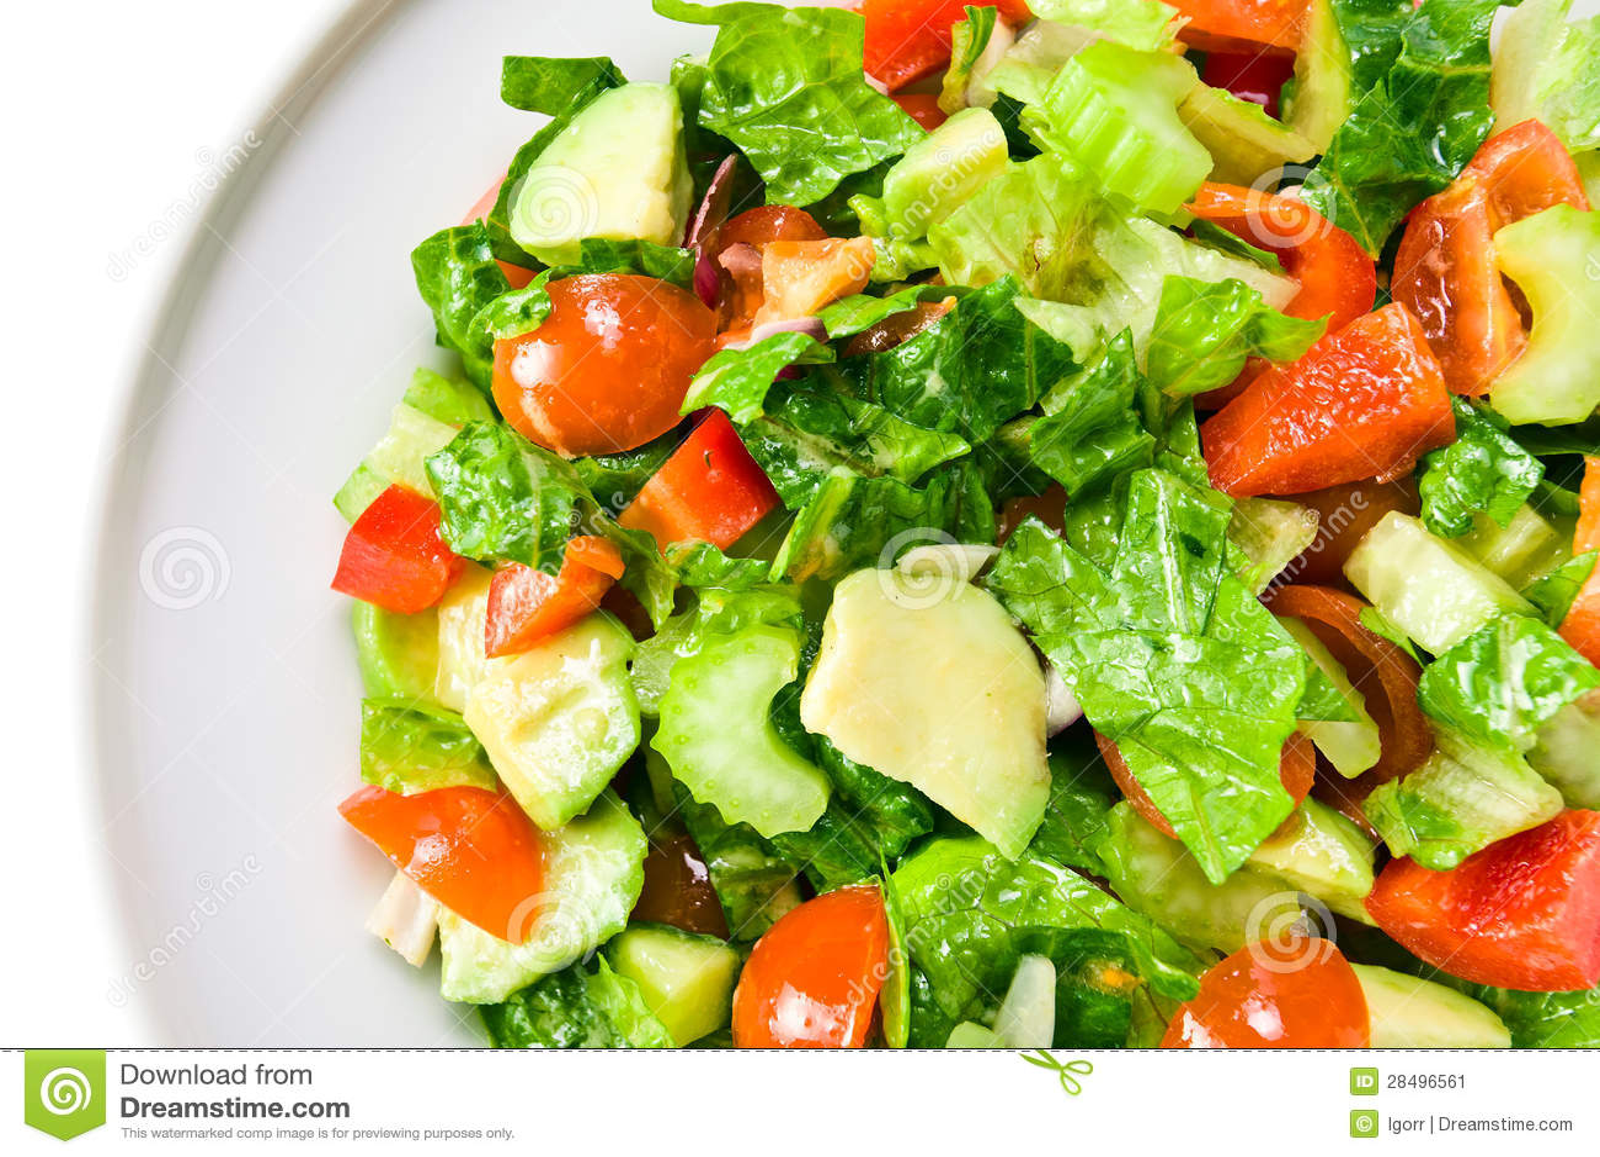 Листья сельдерей салаты рецепты